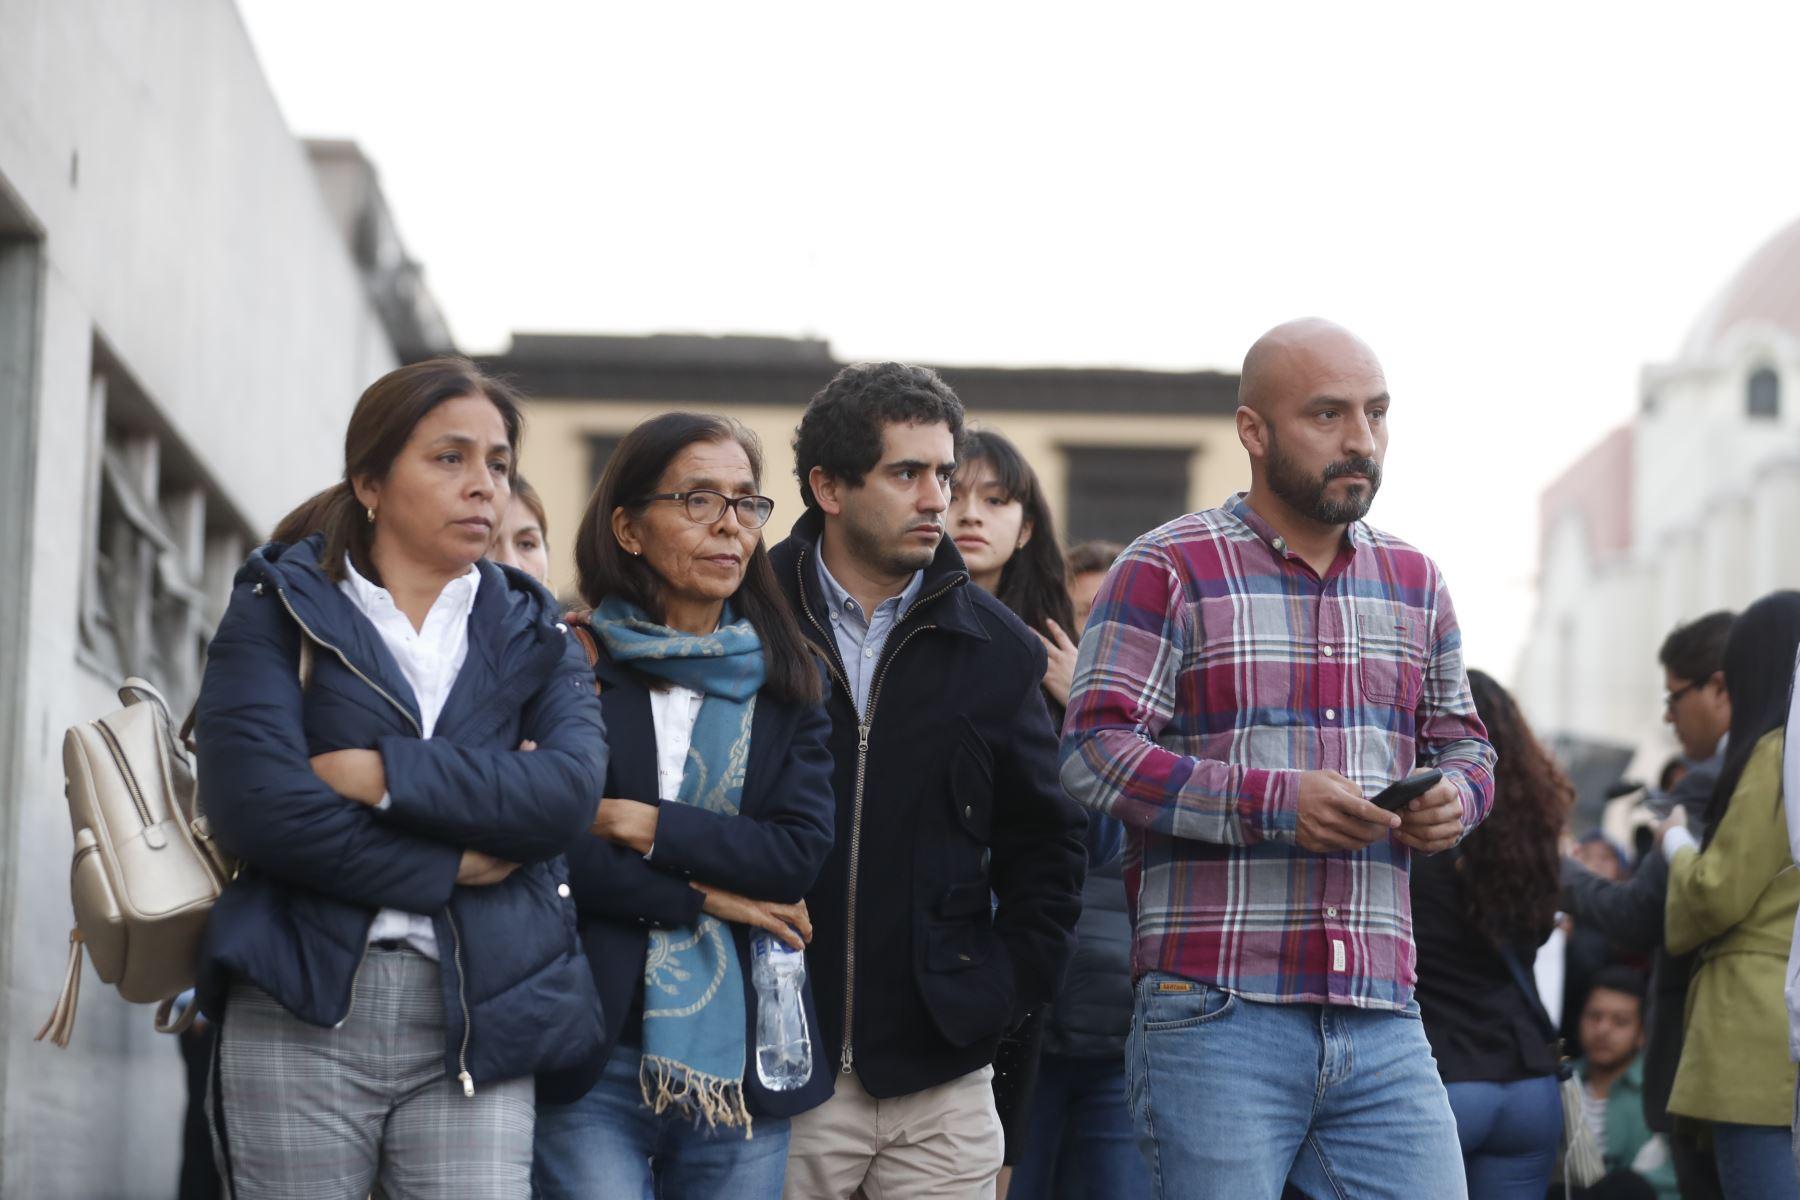 Familiares de Melisa González Gagliuffi esperan decisión de la jueza. Foto: ANDINA/Renato Pajuelo